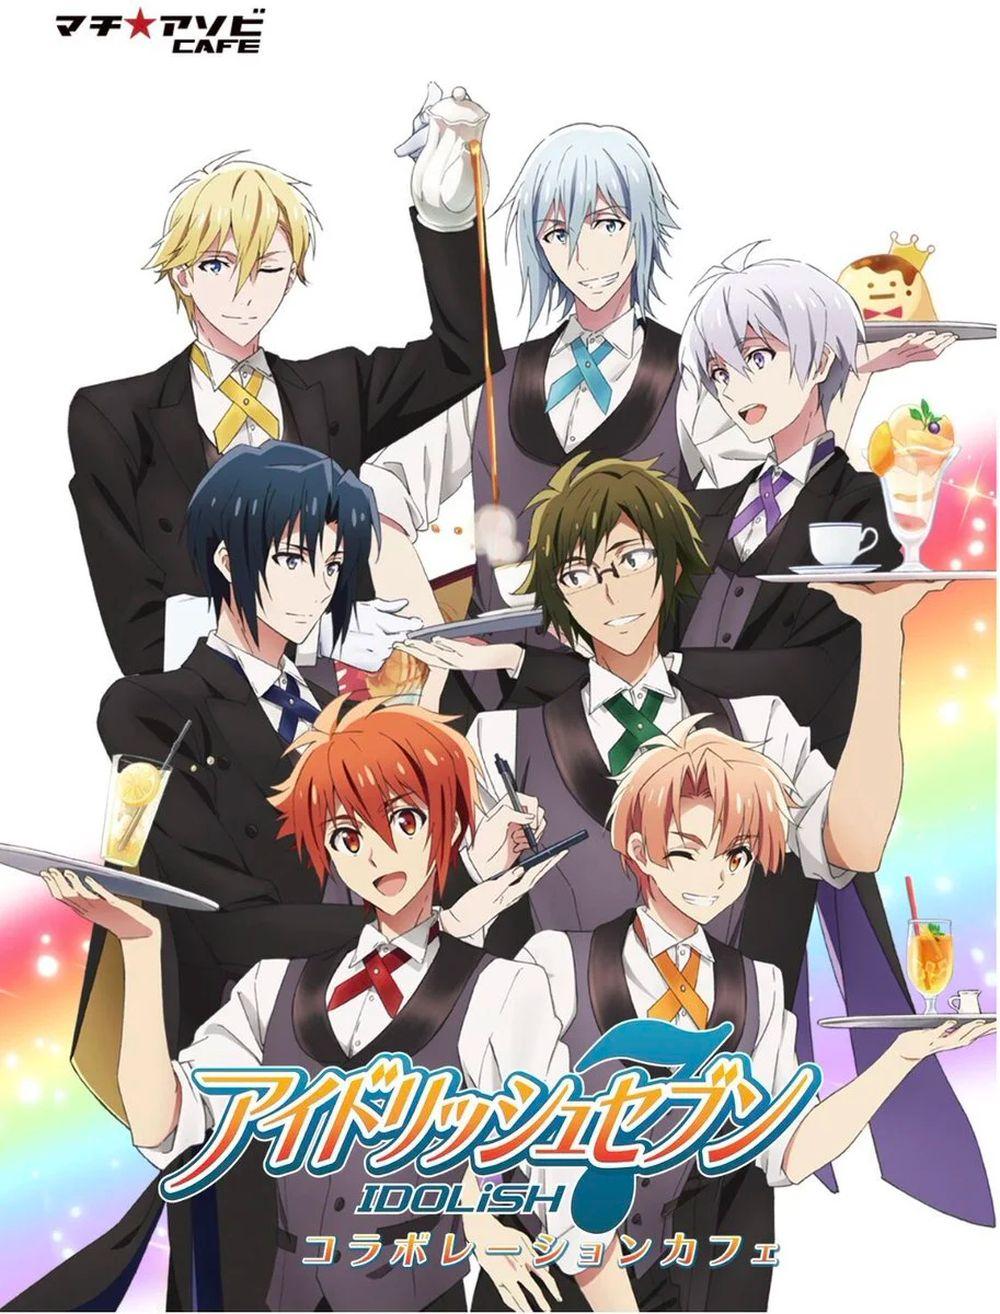 IDOLiSH7 là tựa truyện, phim và cả trò chơi của Nhật Bản được phát triển và phát hành bởi Bandai Namco Entertainment.